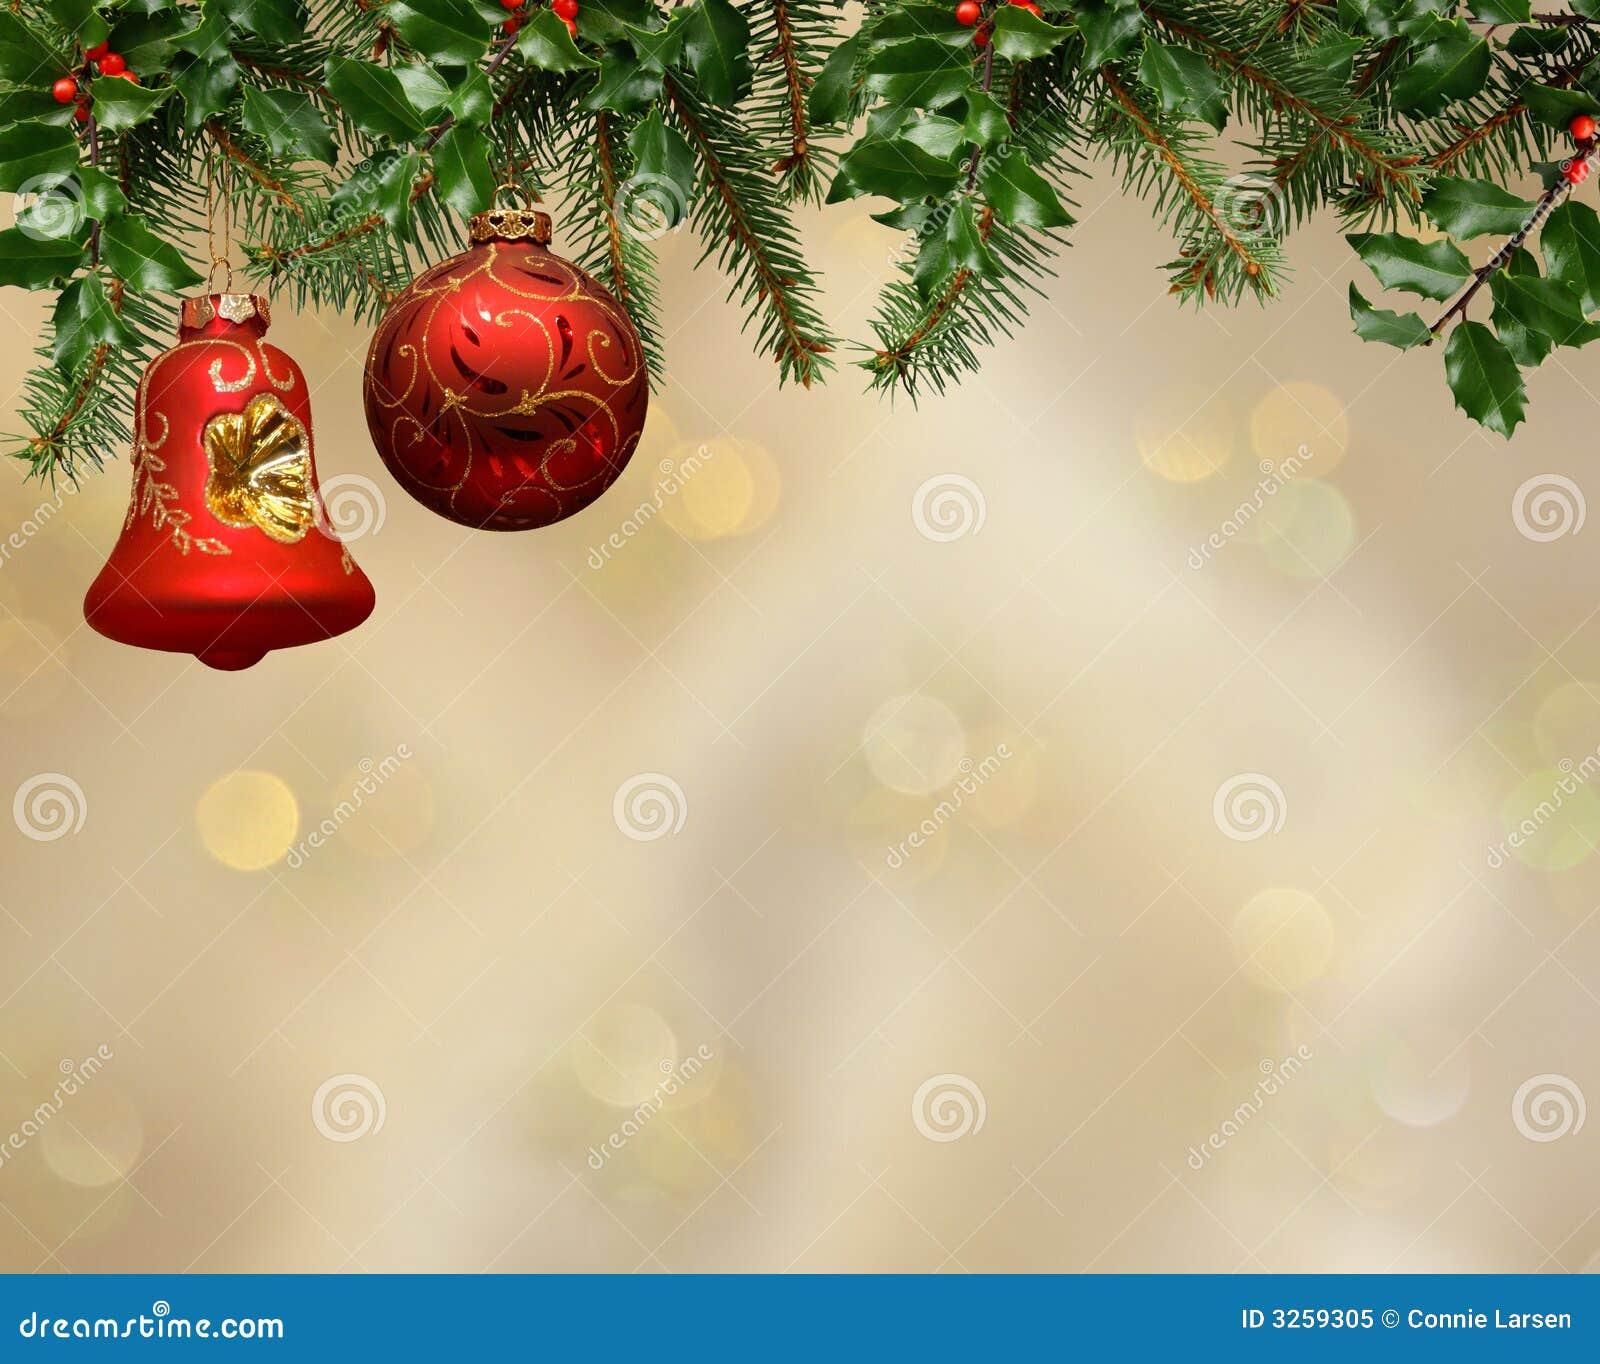 Gold Christmas Bulbs